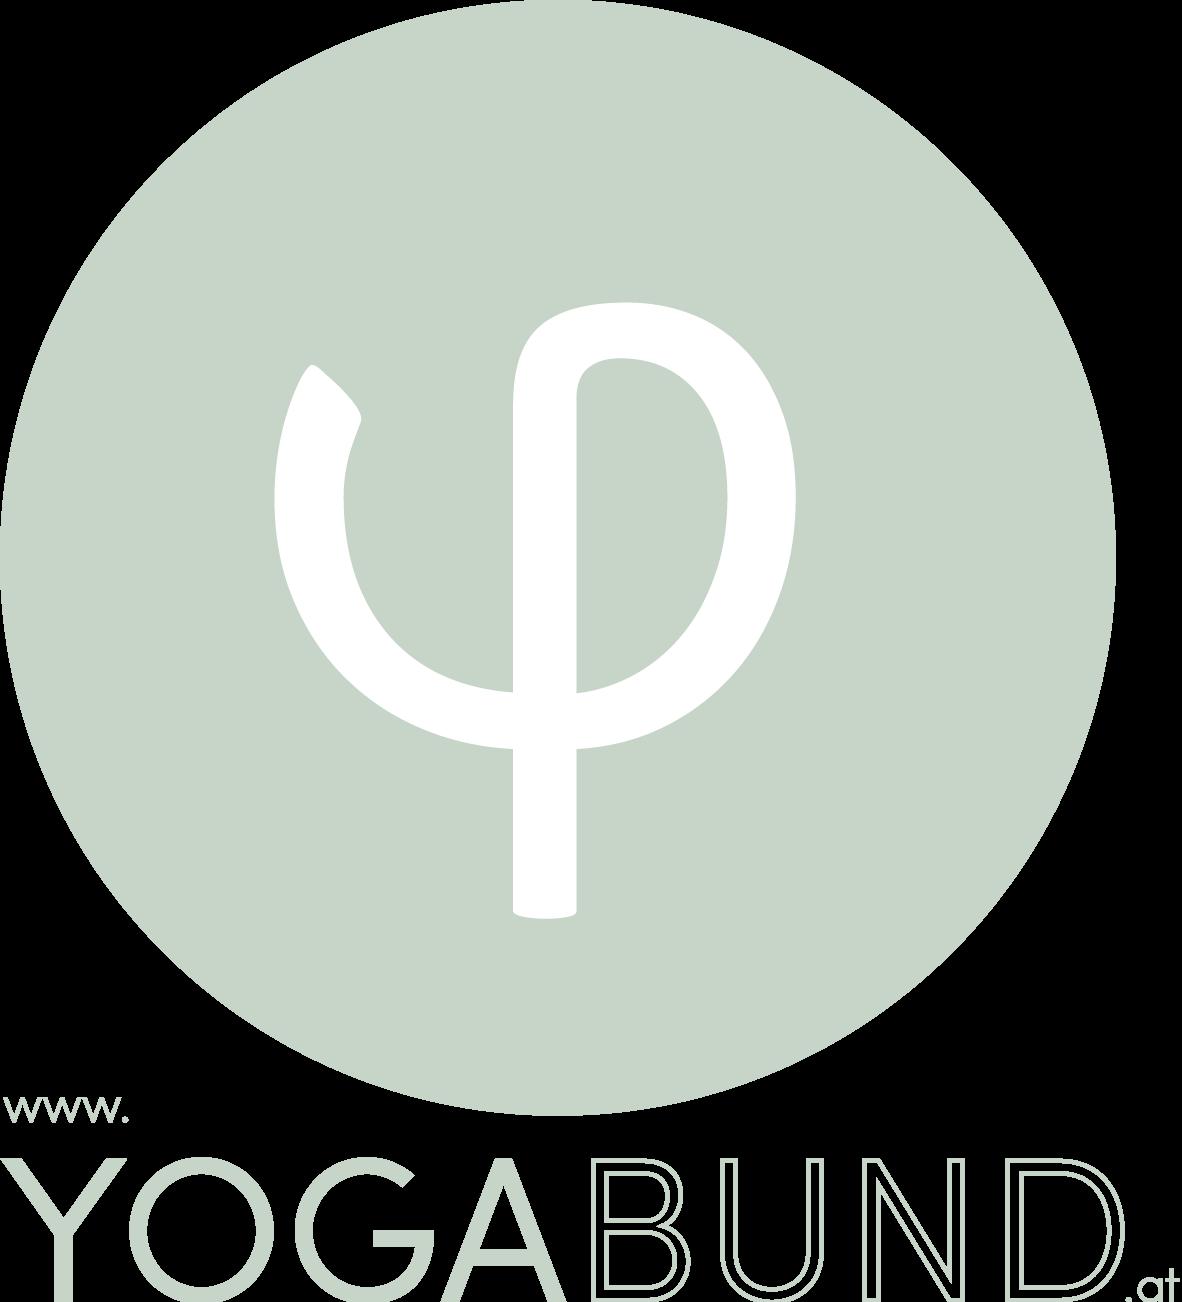 Yogabund